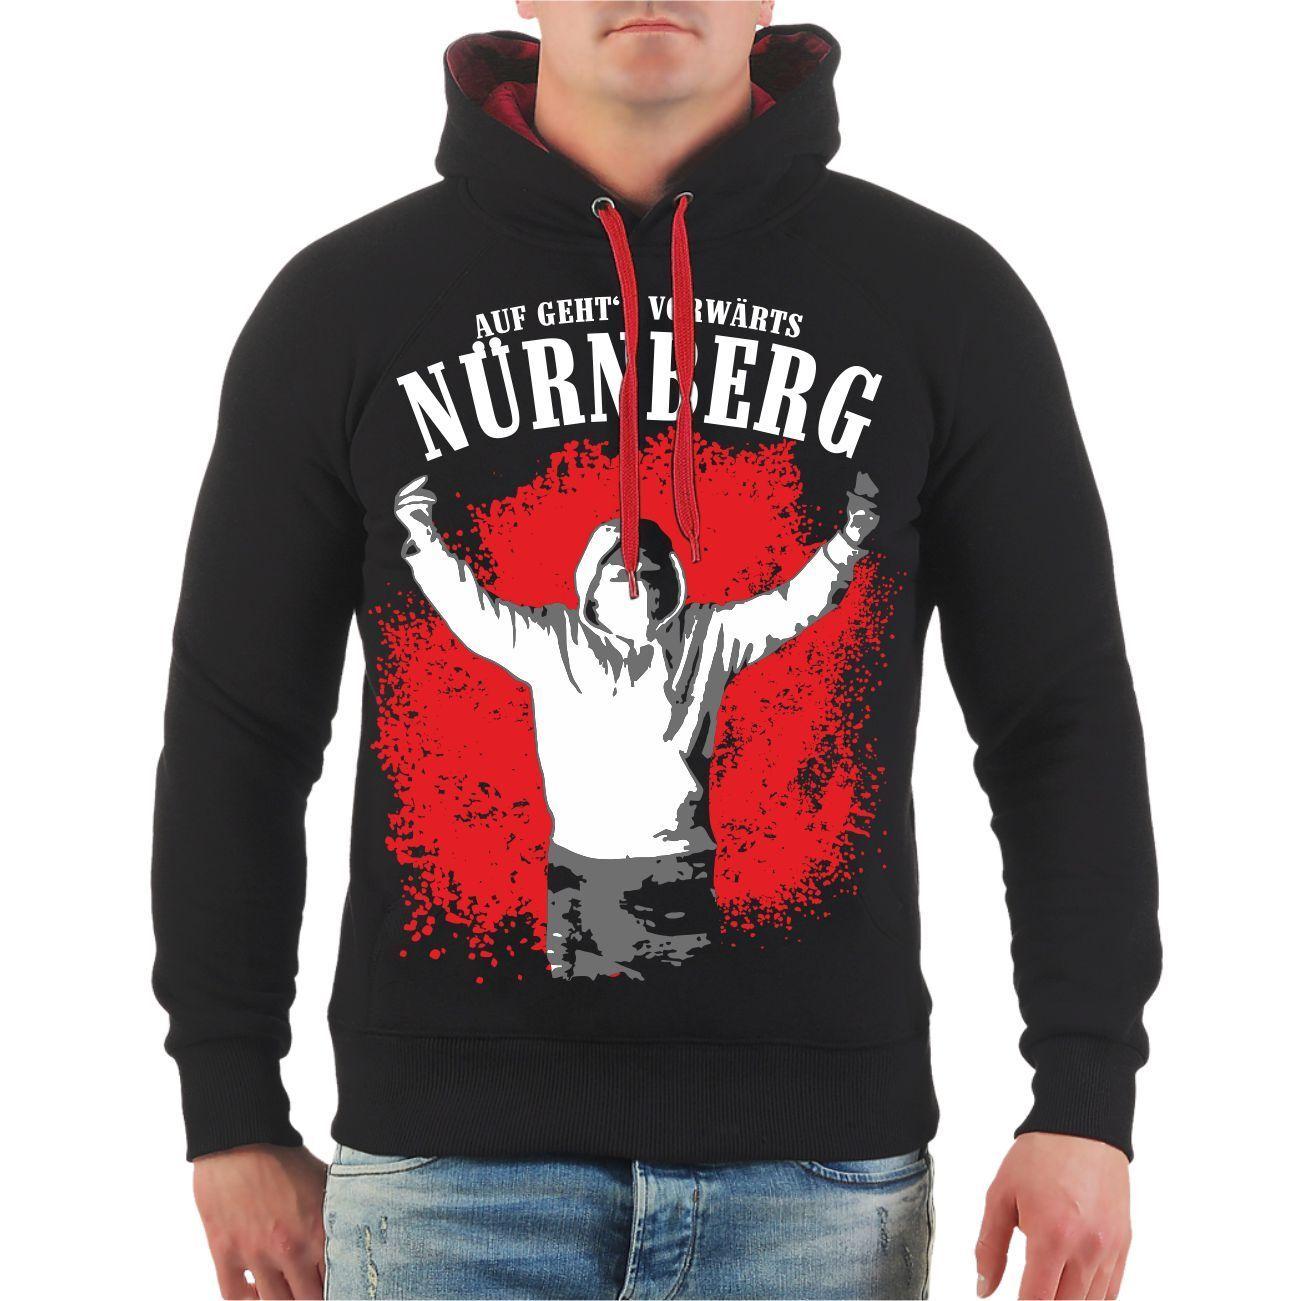 Kapuzenpullover Nürnberg Auf geht's vorwärts Hoody Fan Ultras Hooligan Nordkurve